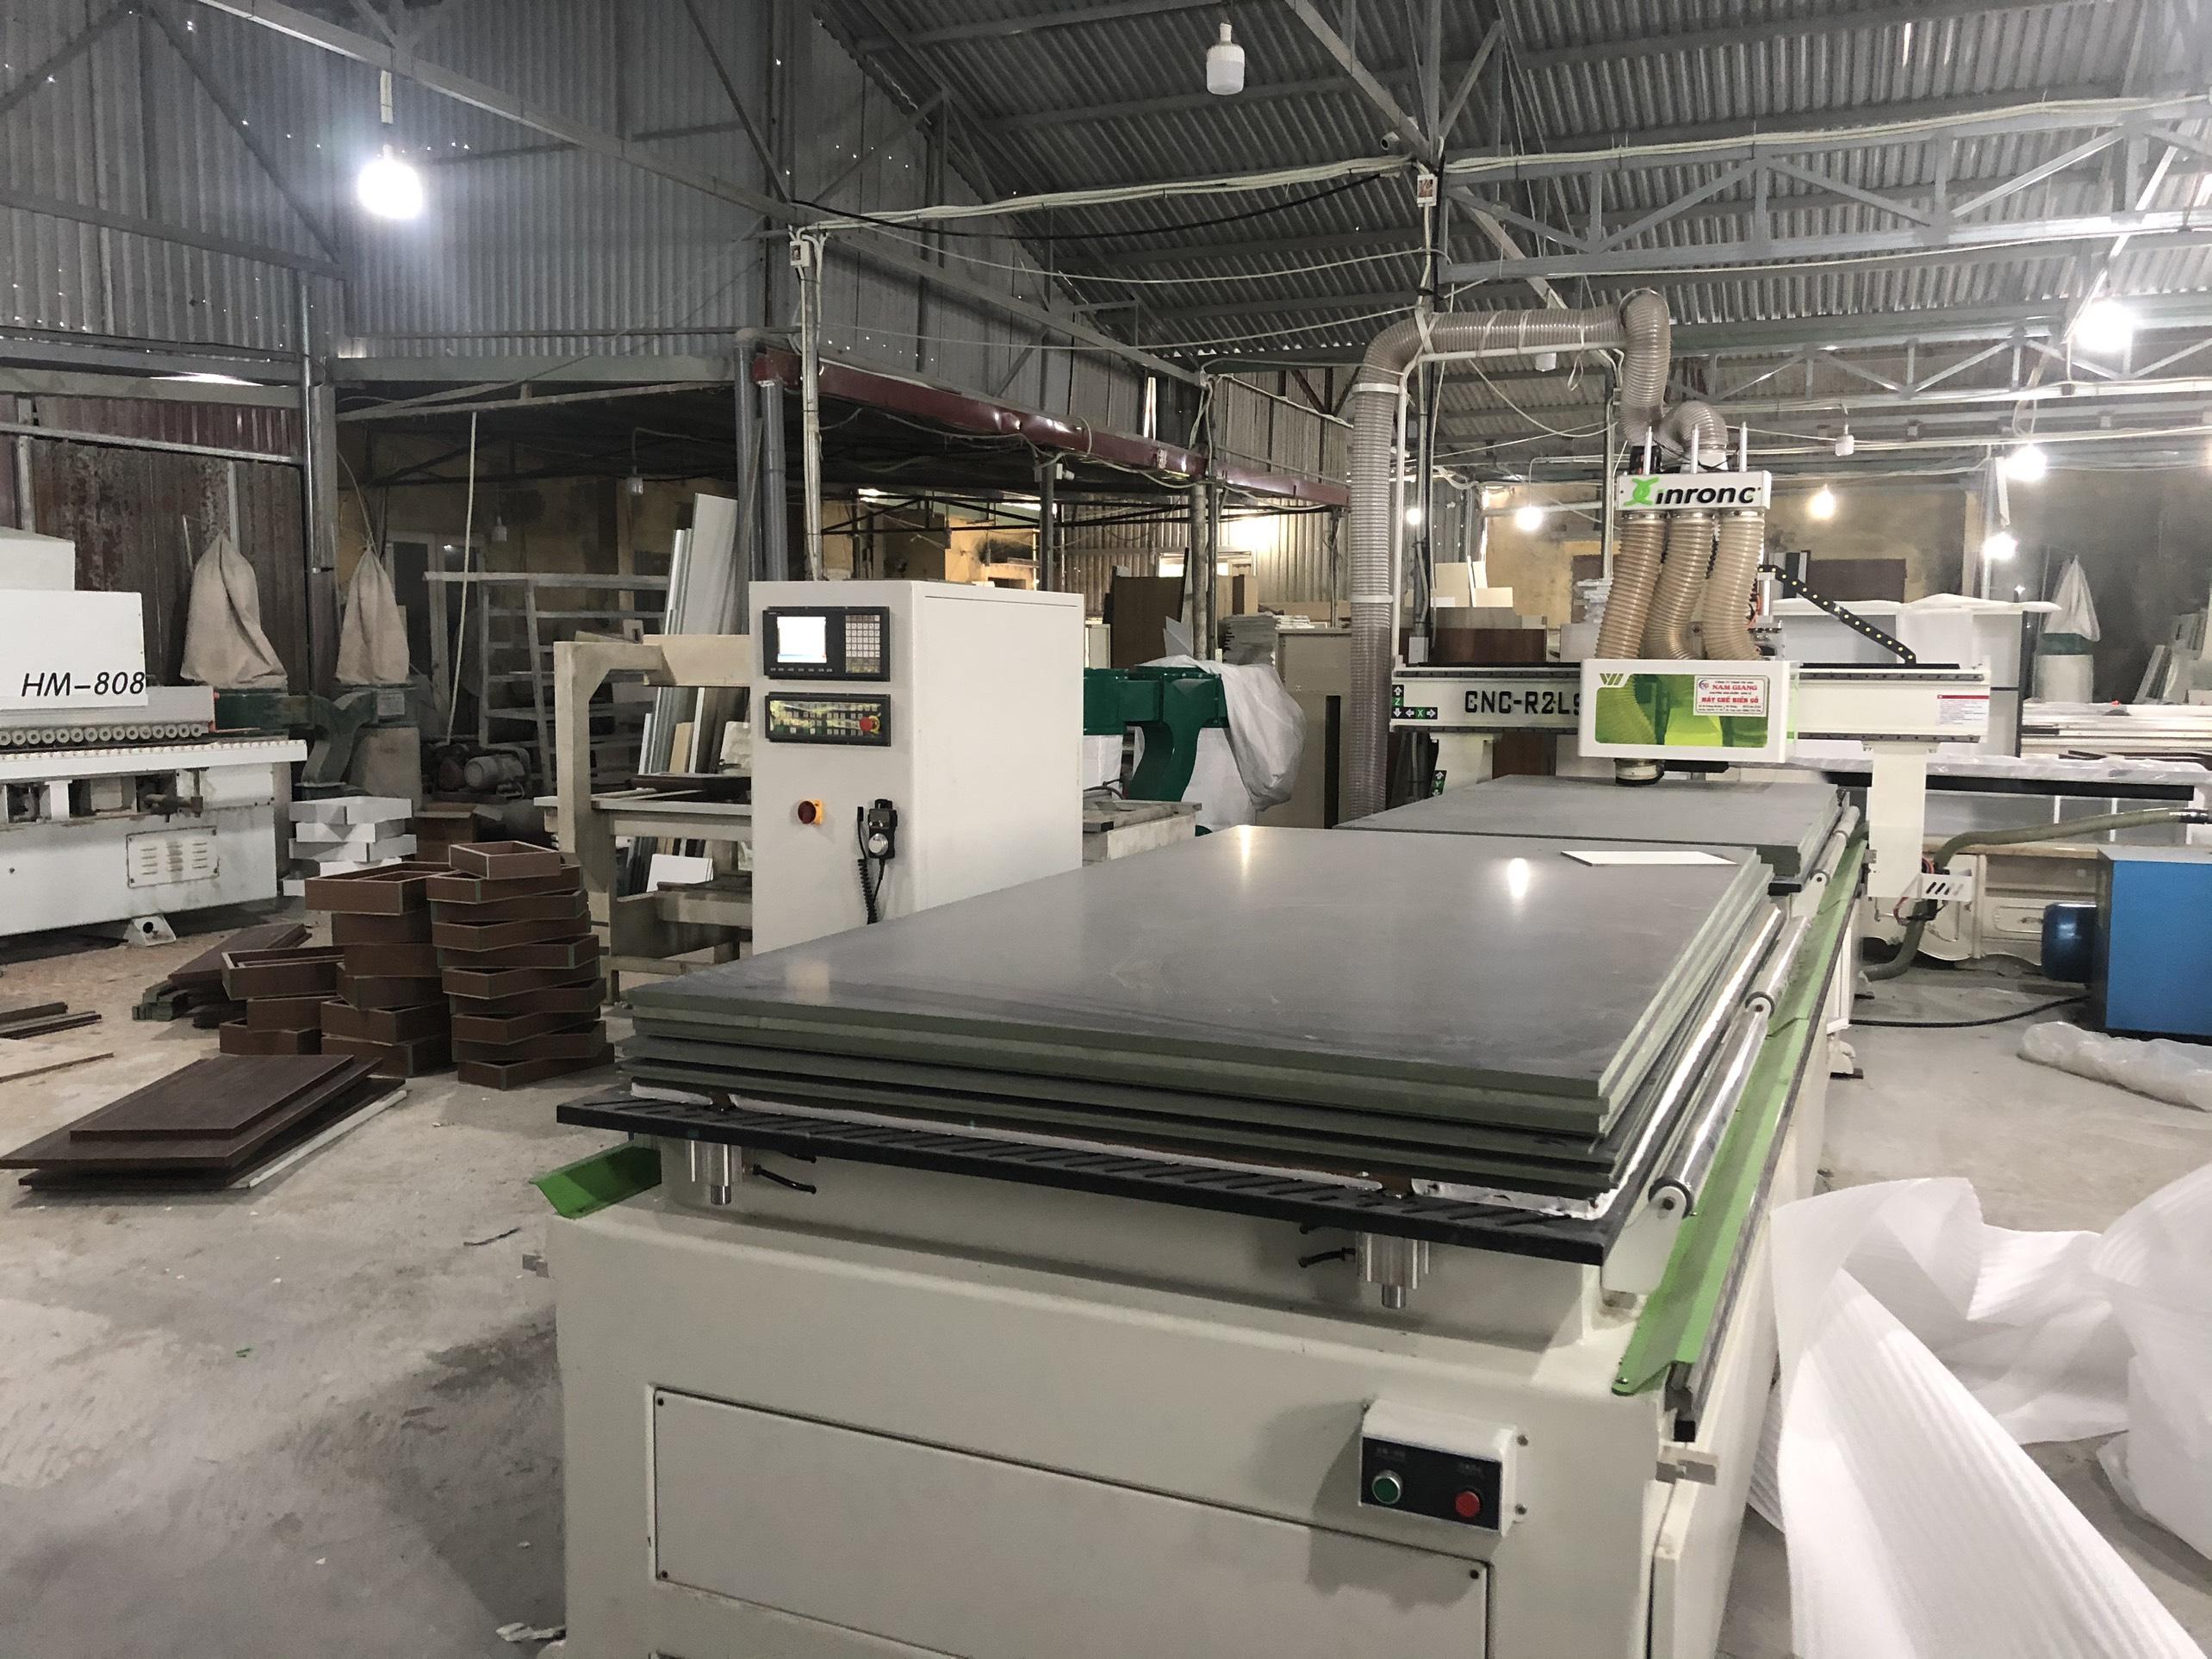 Xưởng sản xuất nội thất Hometime với máy CNC trung tâm